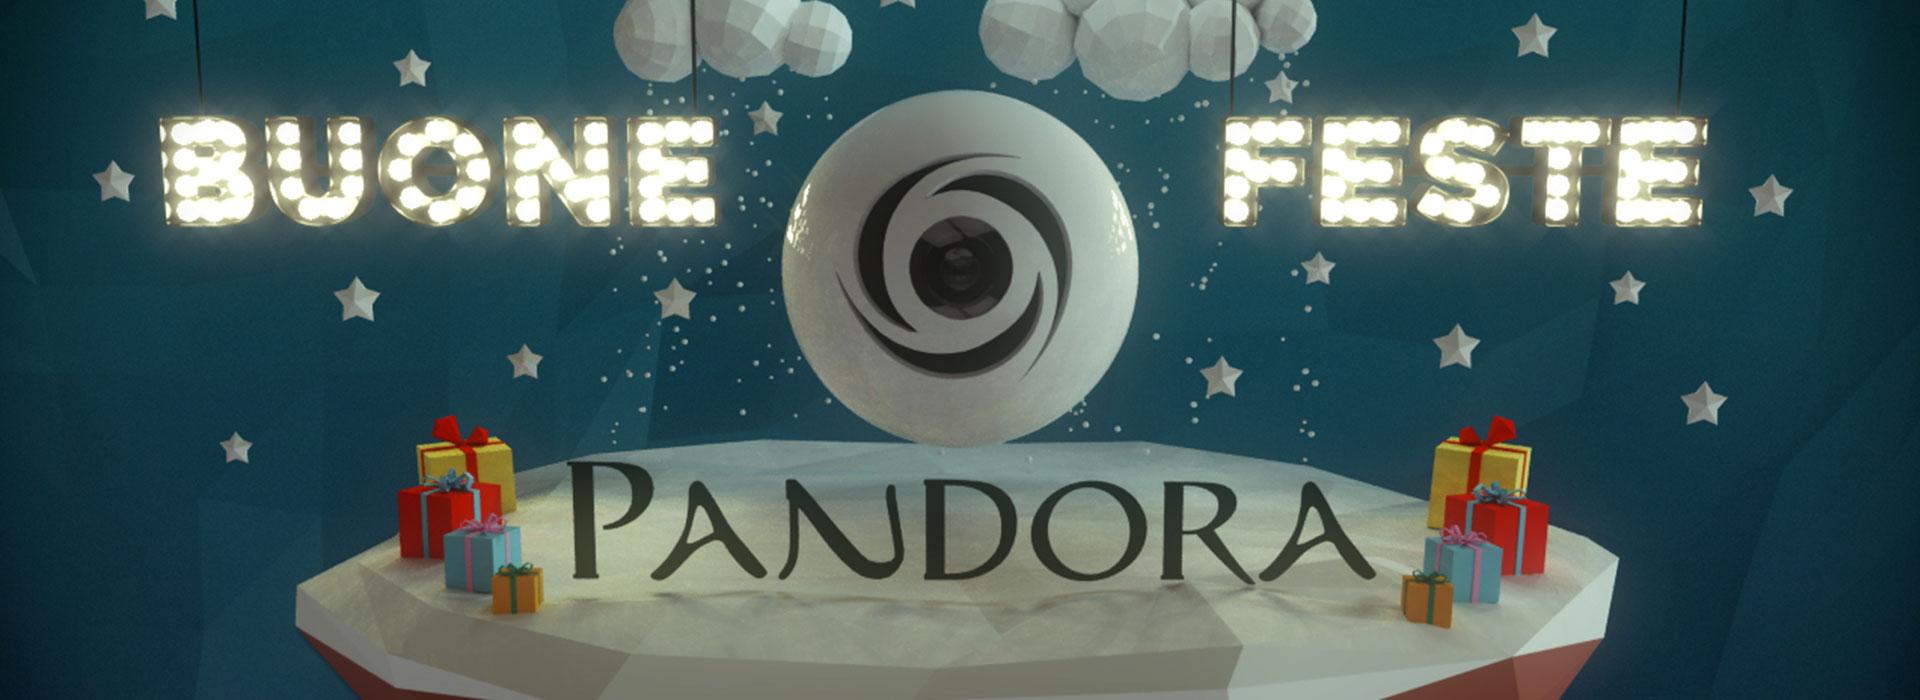 pandora-christmas-banner